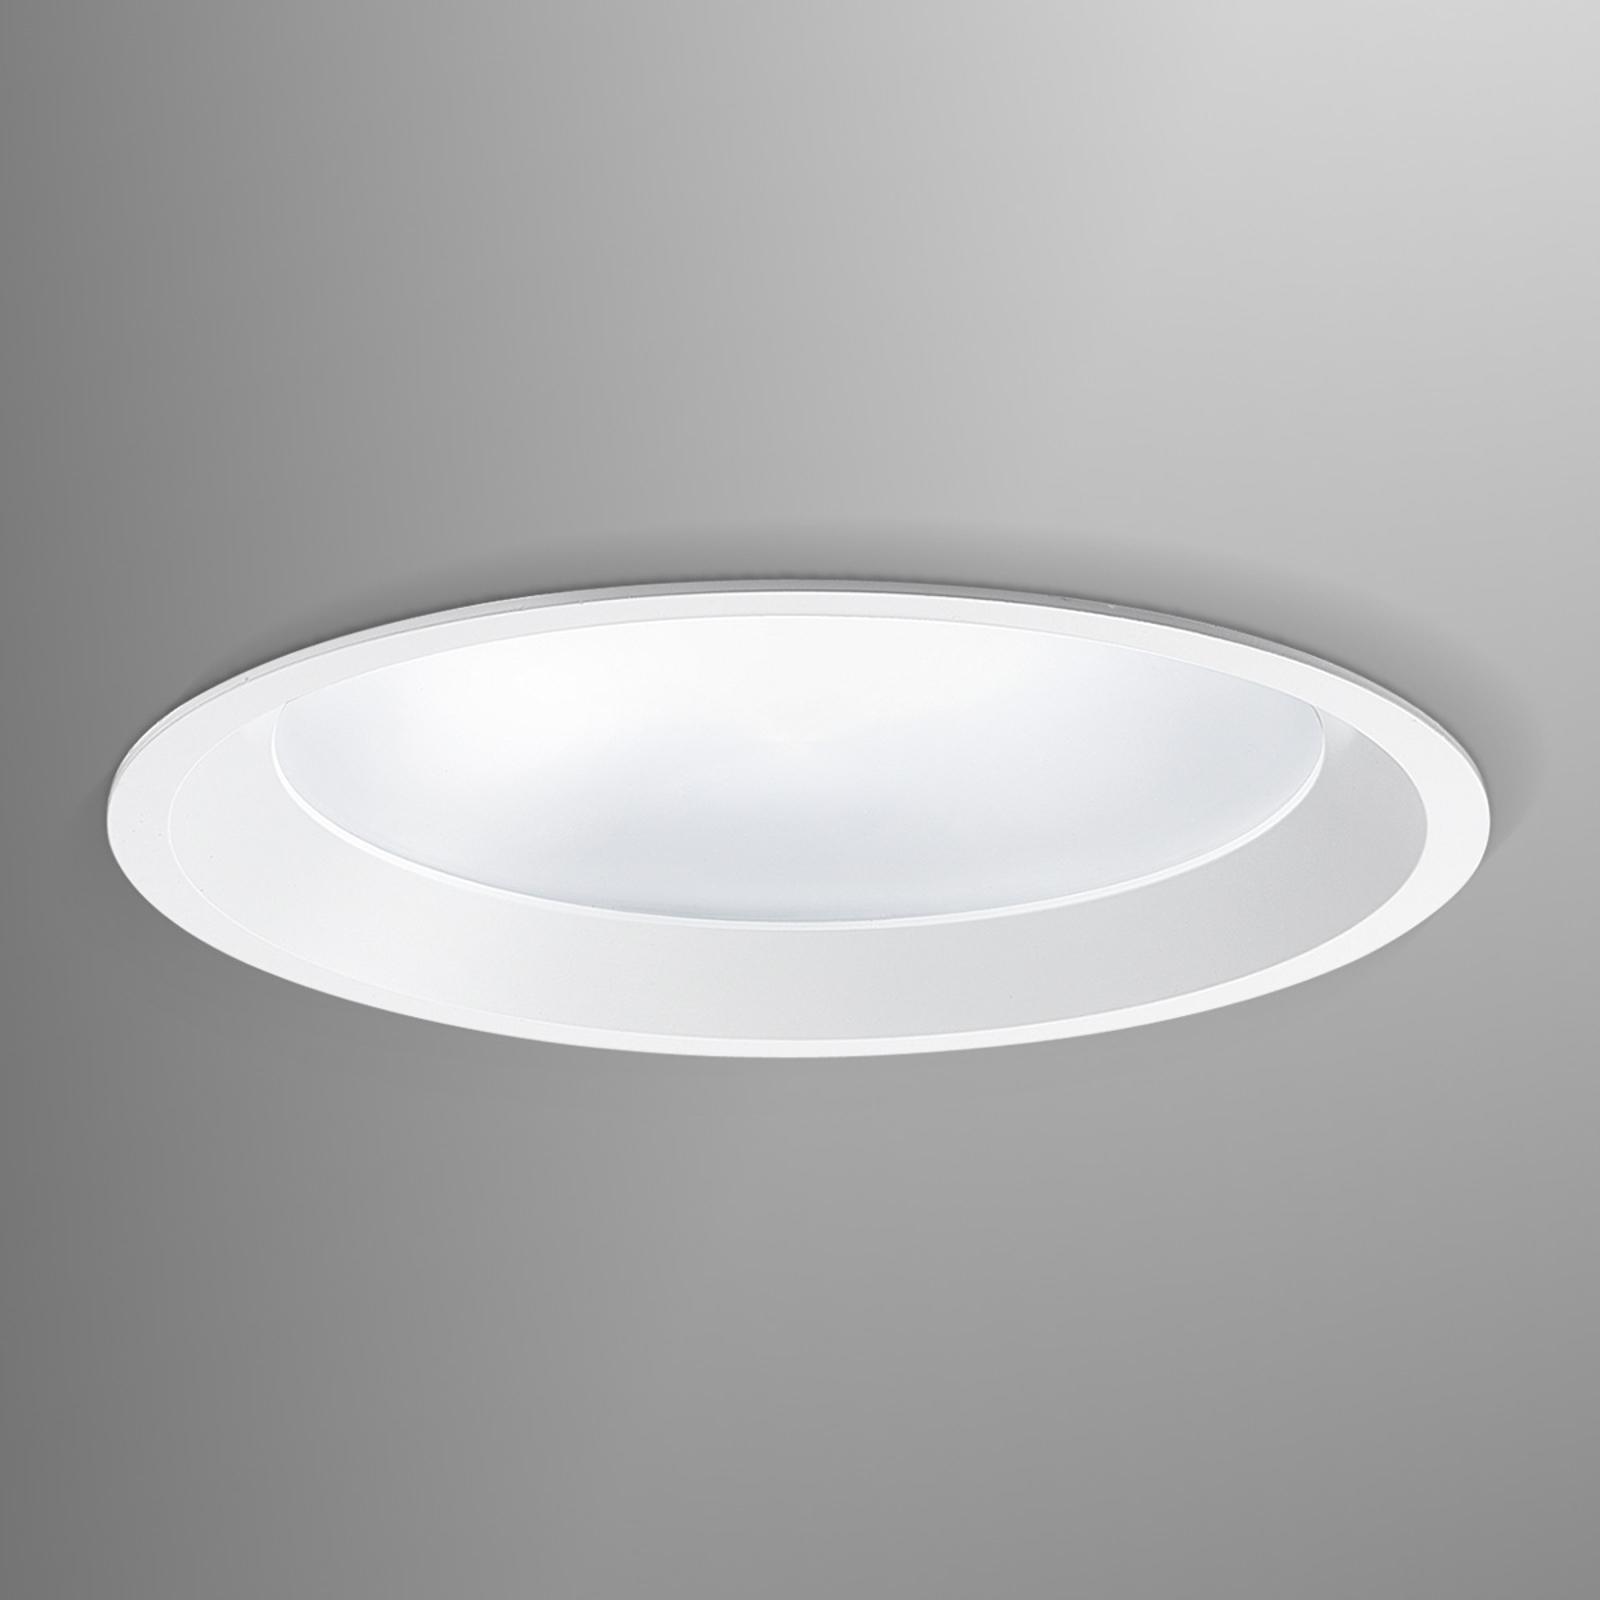 Doorsnede 19 cm - LED-inbouwdownlight Strato 190